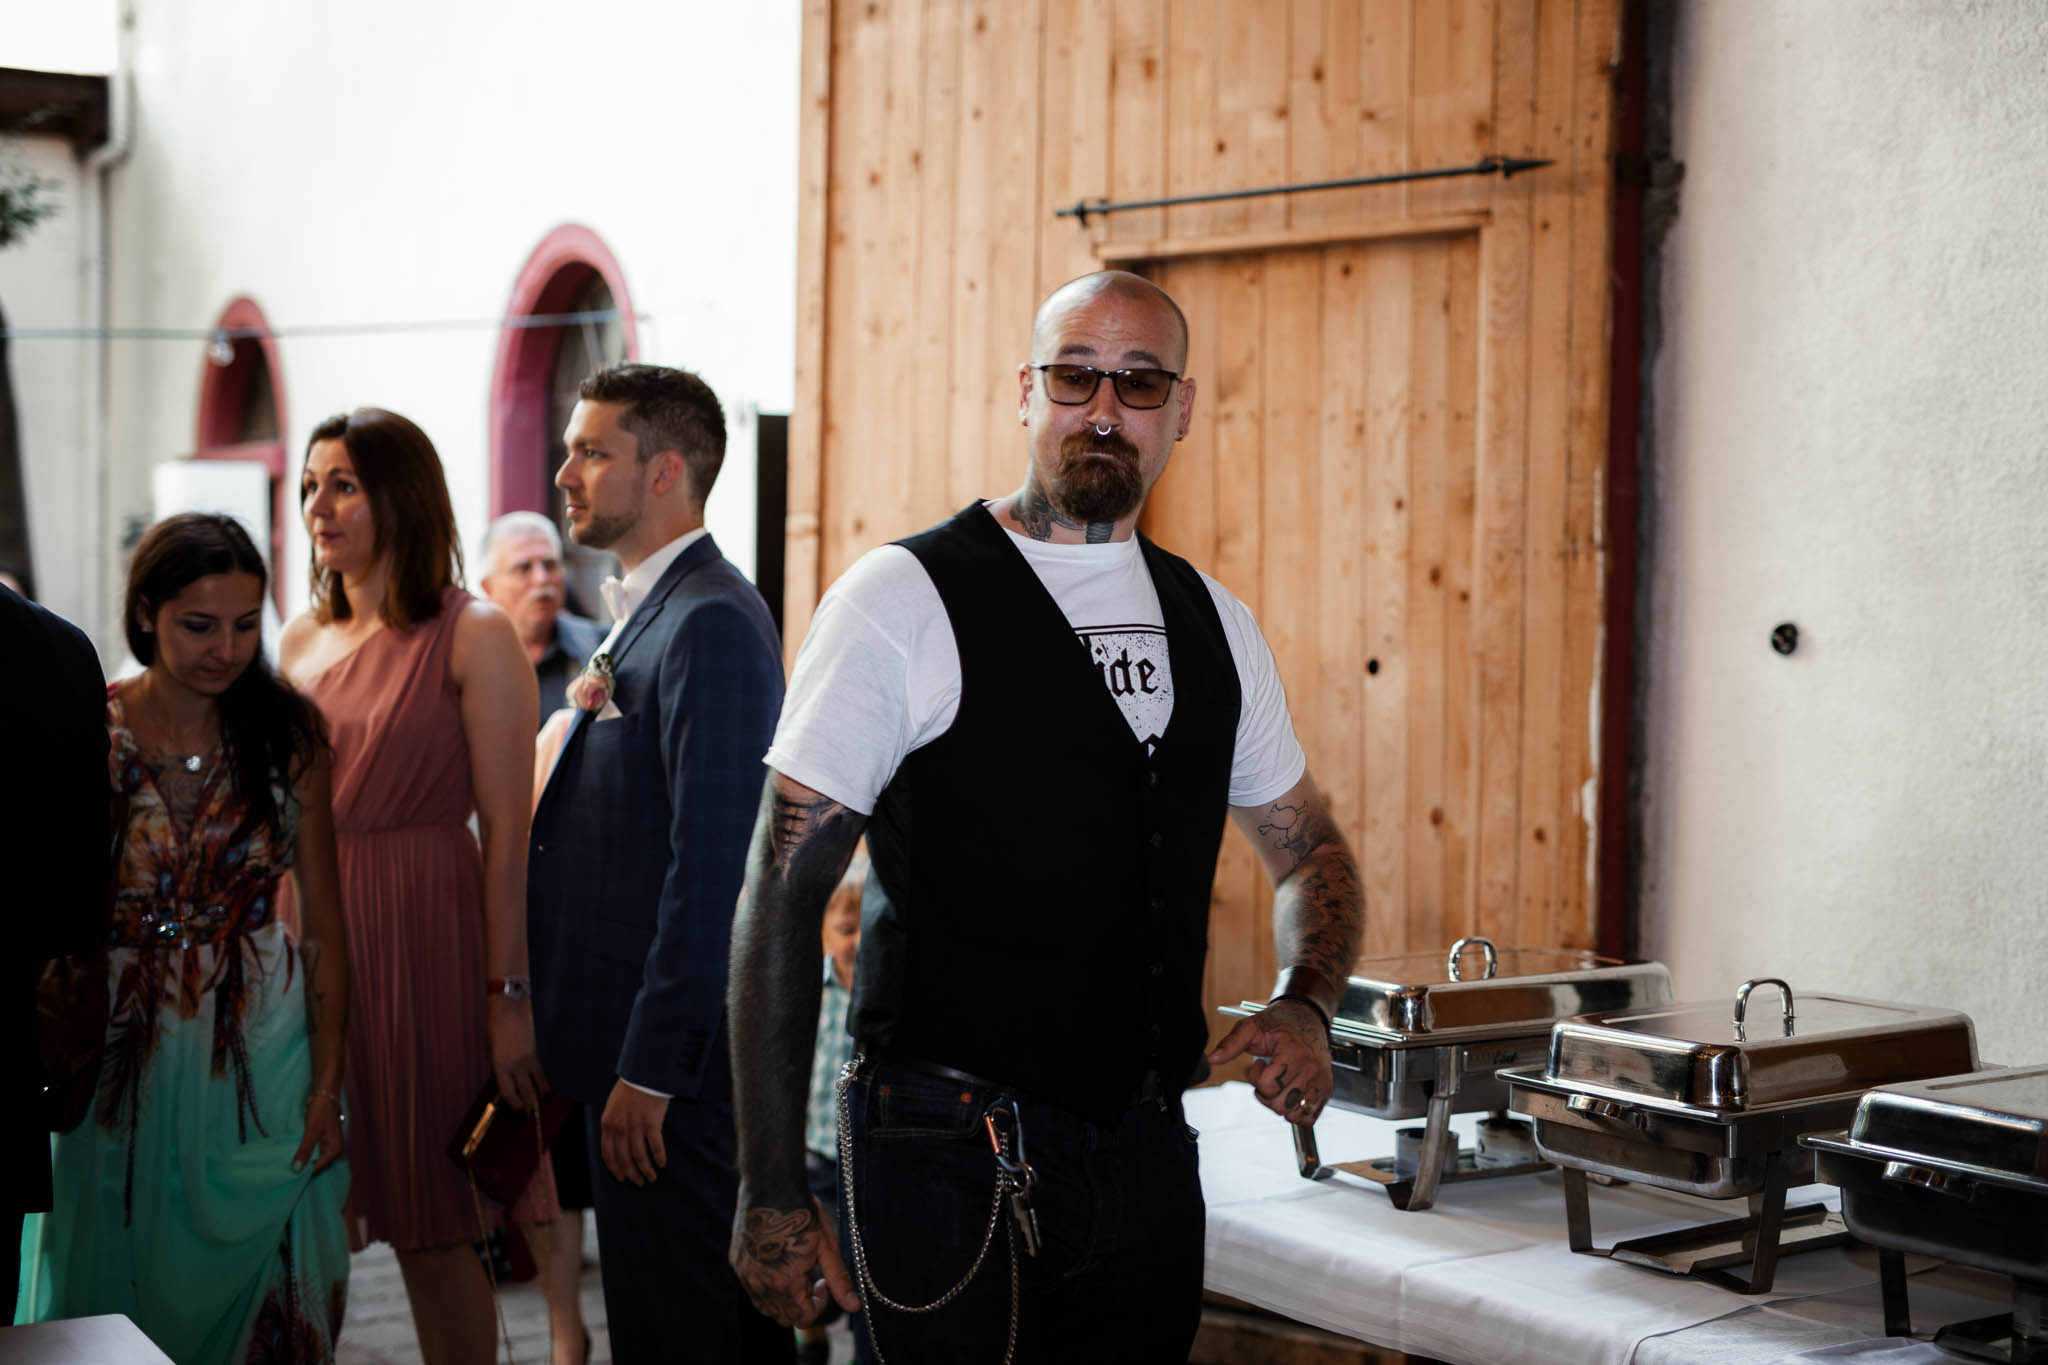 Hochzeitsfotograf Gundheim 76